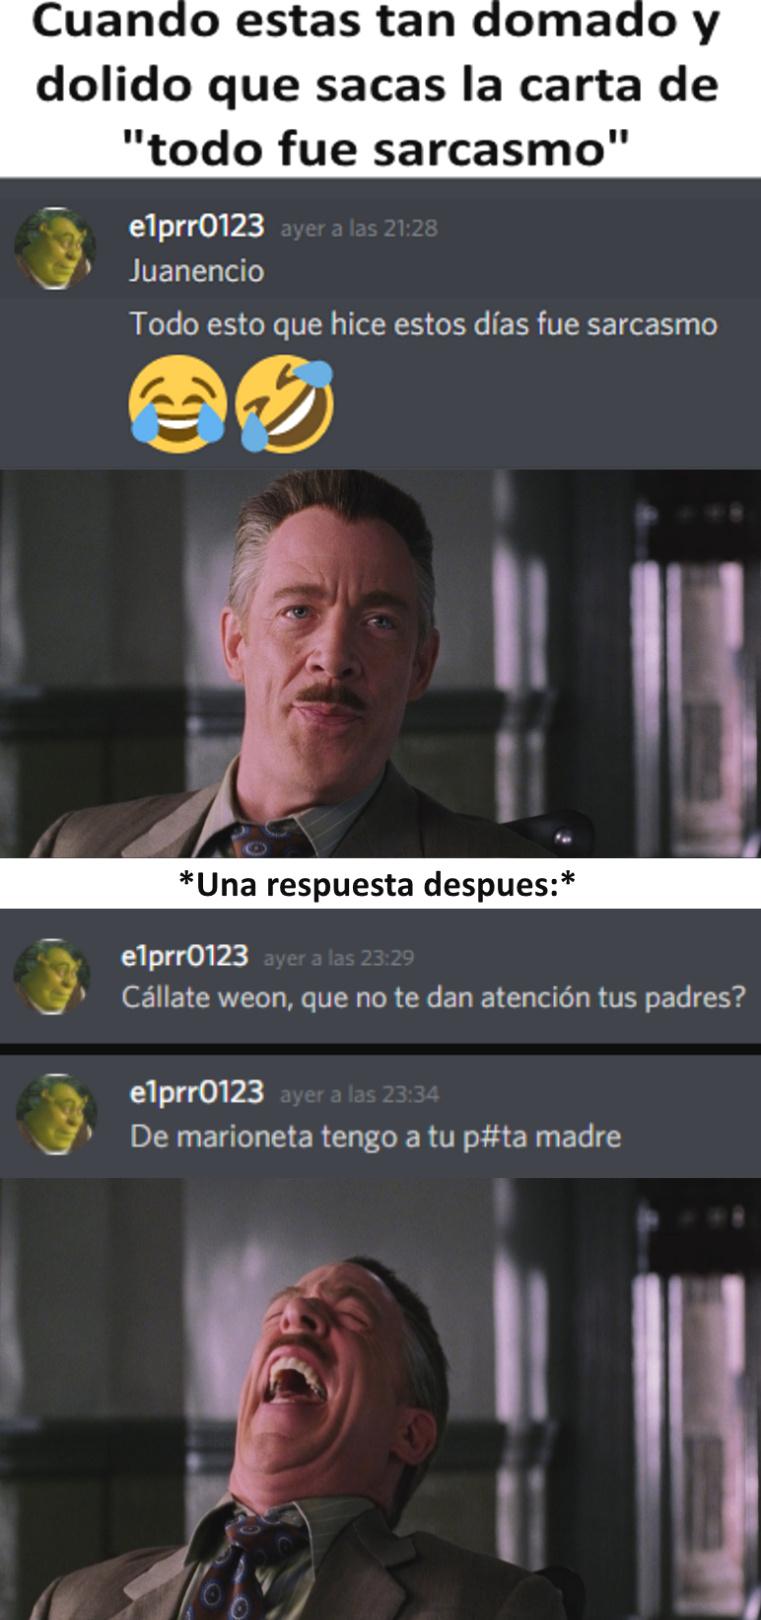 E1maric0123 Llorando parte 4 - meme